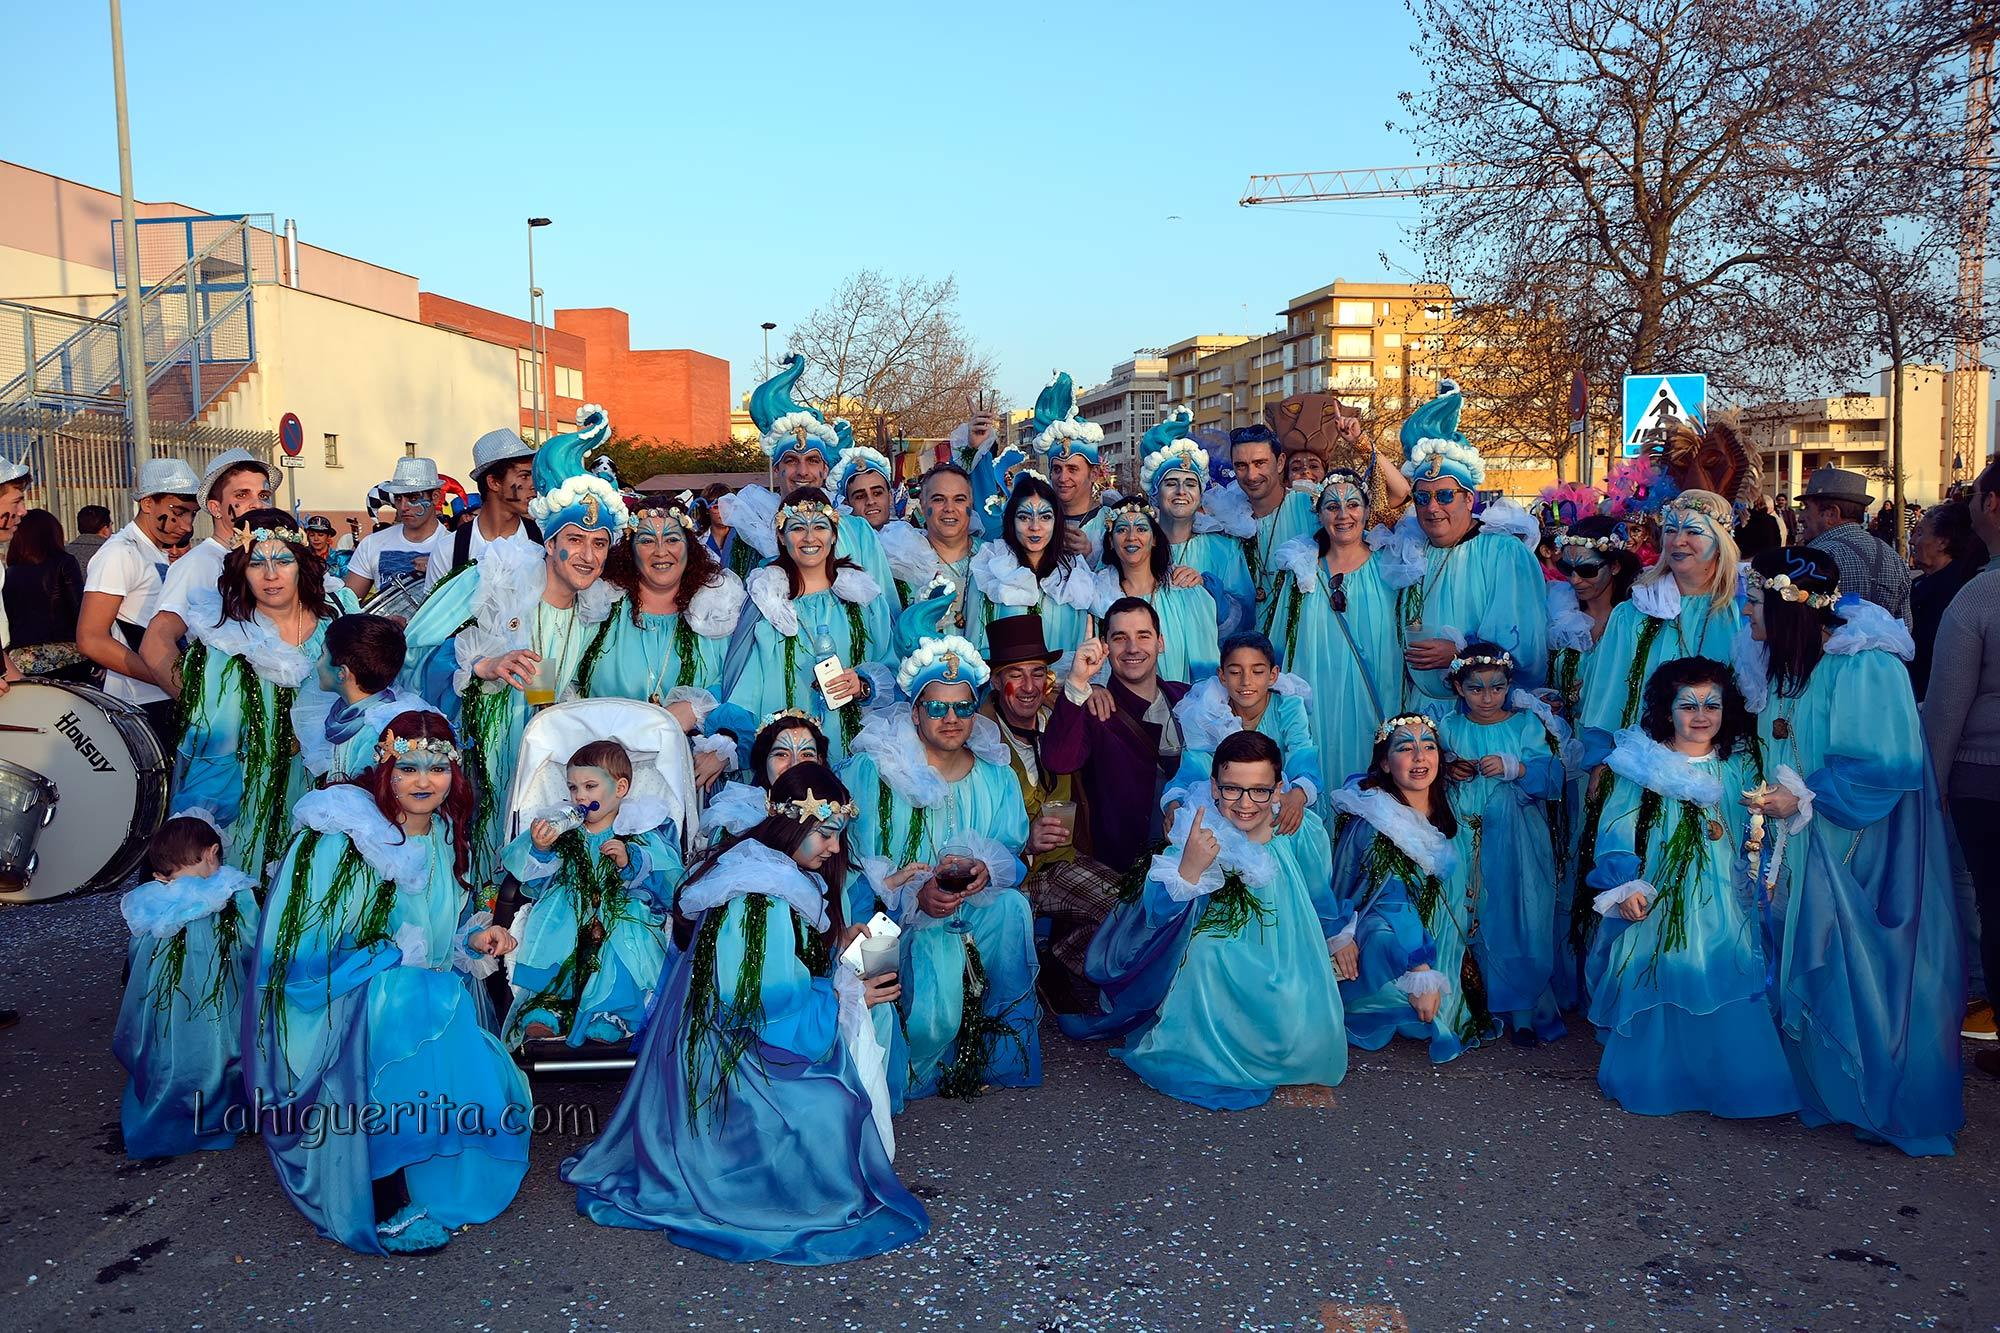 Cabalgata de disfraces en el Carnaval de Isla Cristina 2017